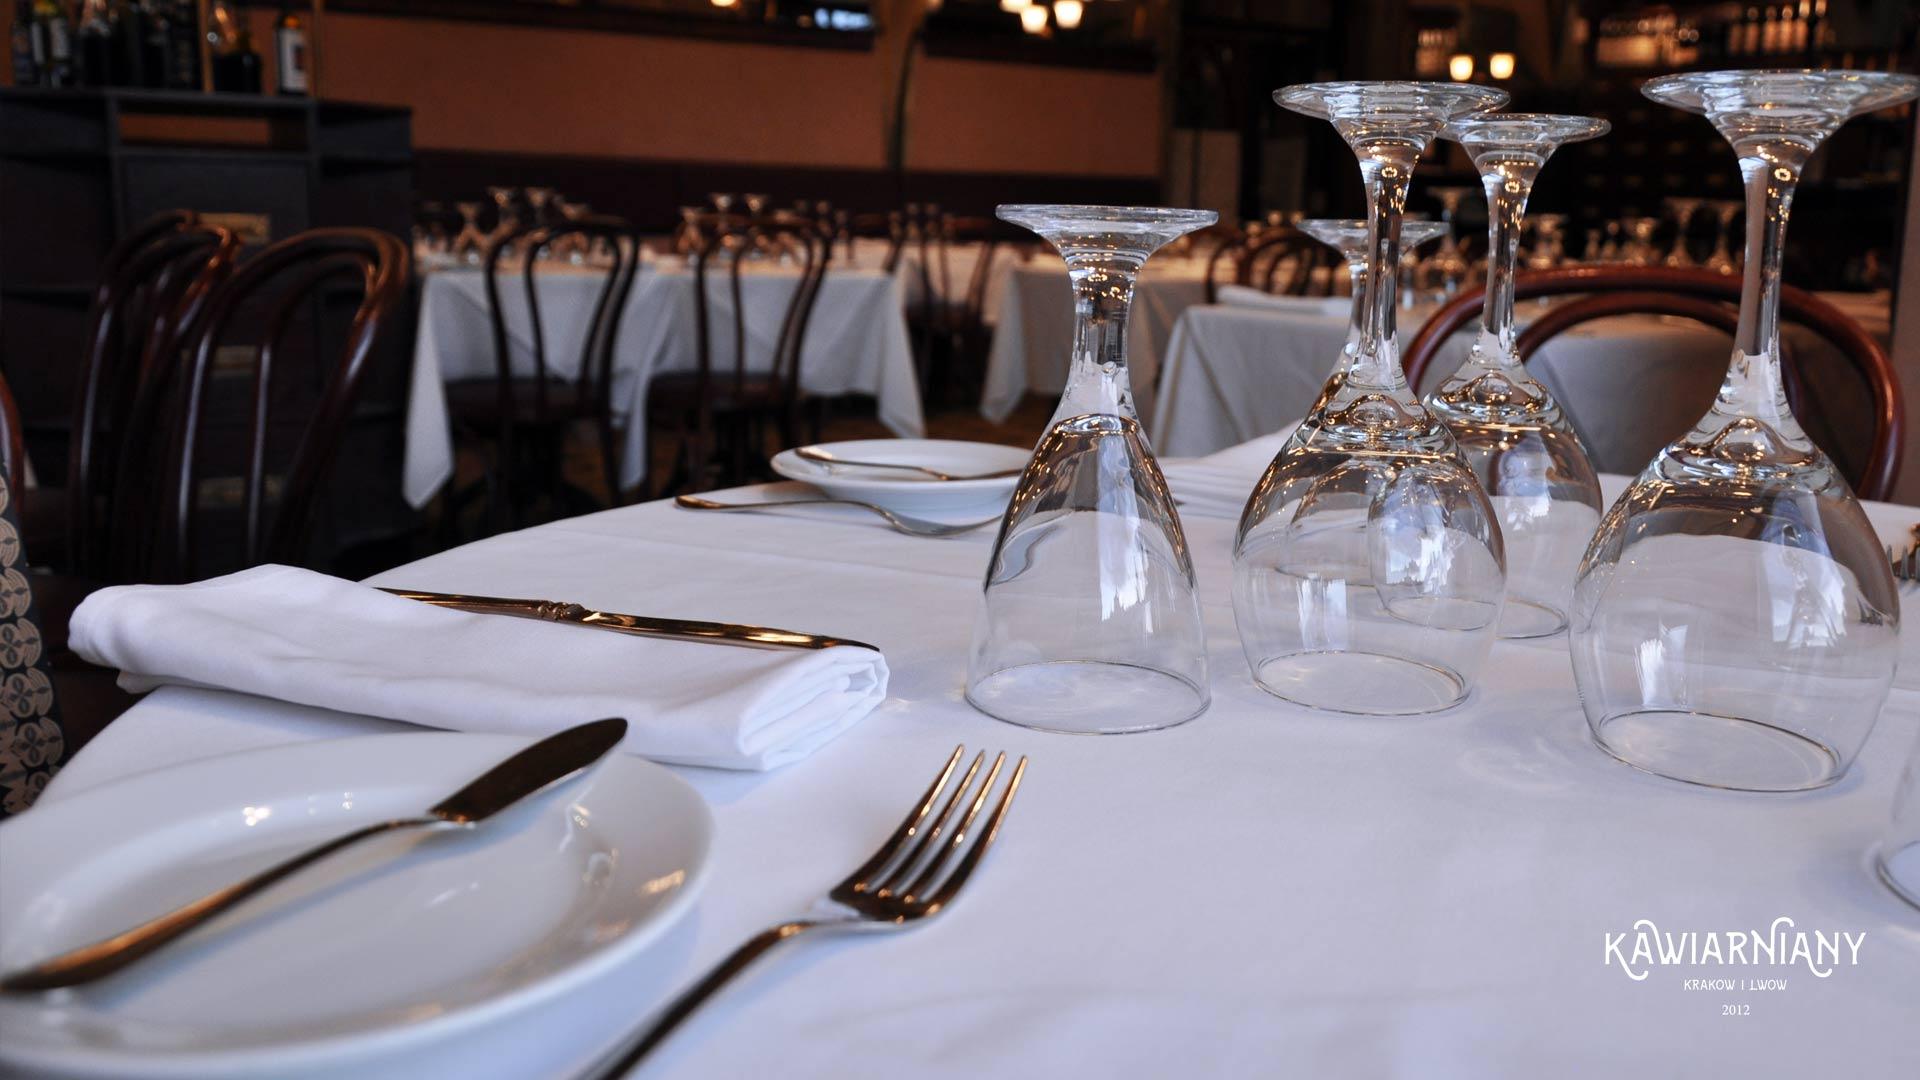 Najlepsze restauracje w Krakowie z Przewodnika Michelin. Gdzie zjeść w Krakowie?